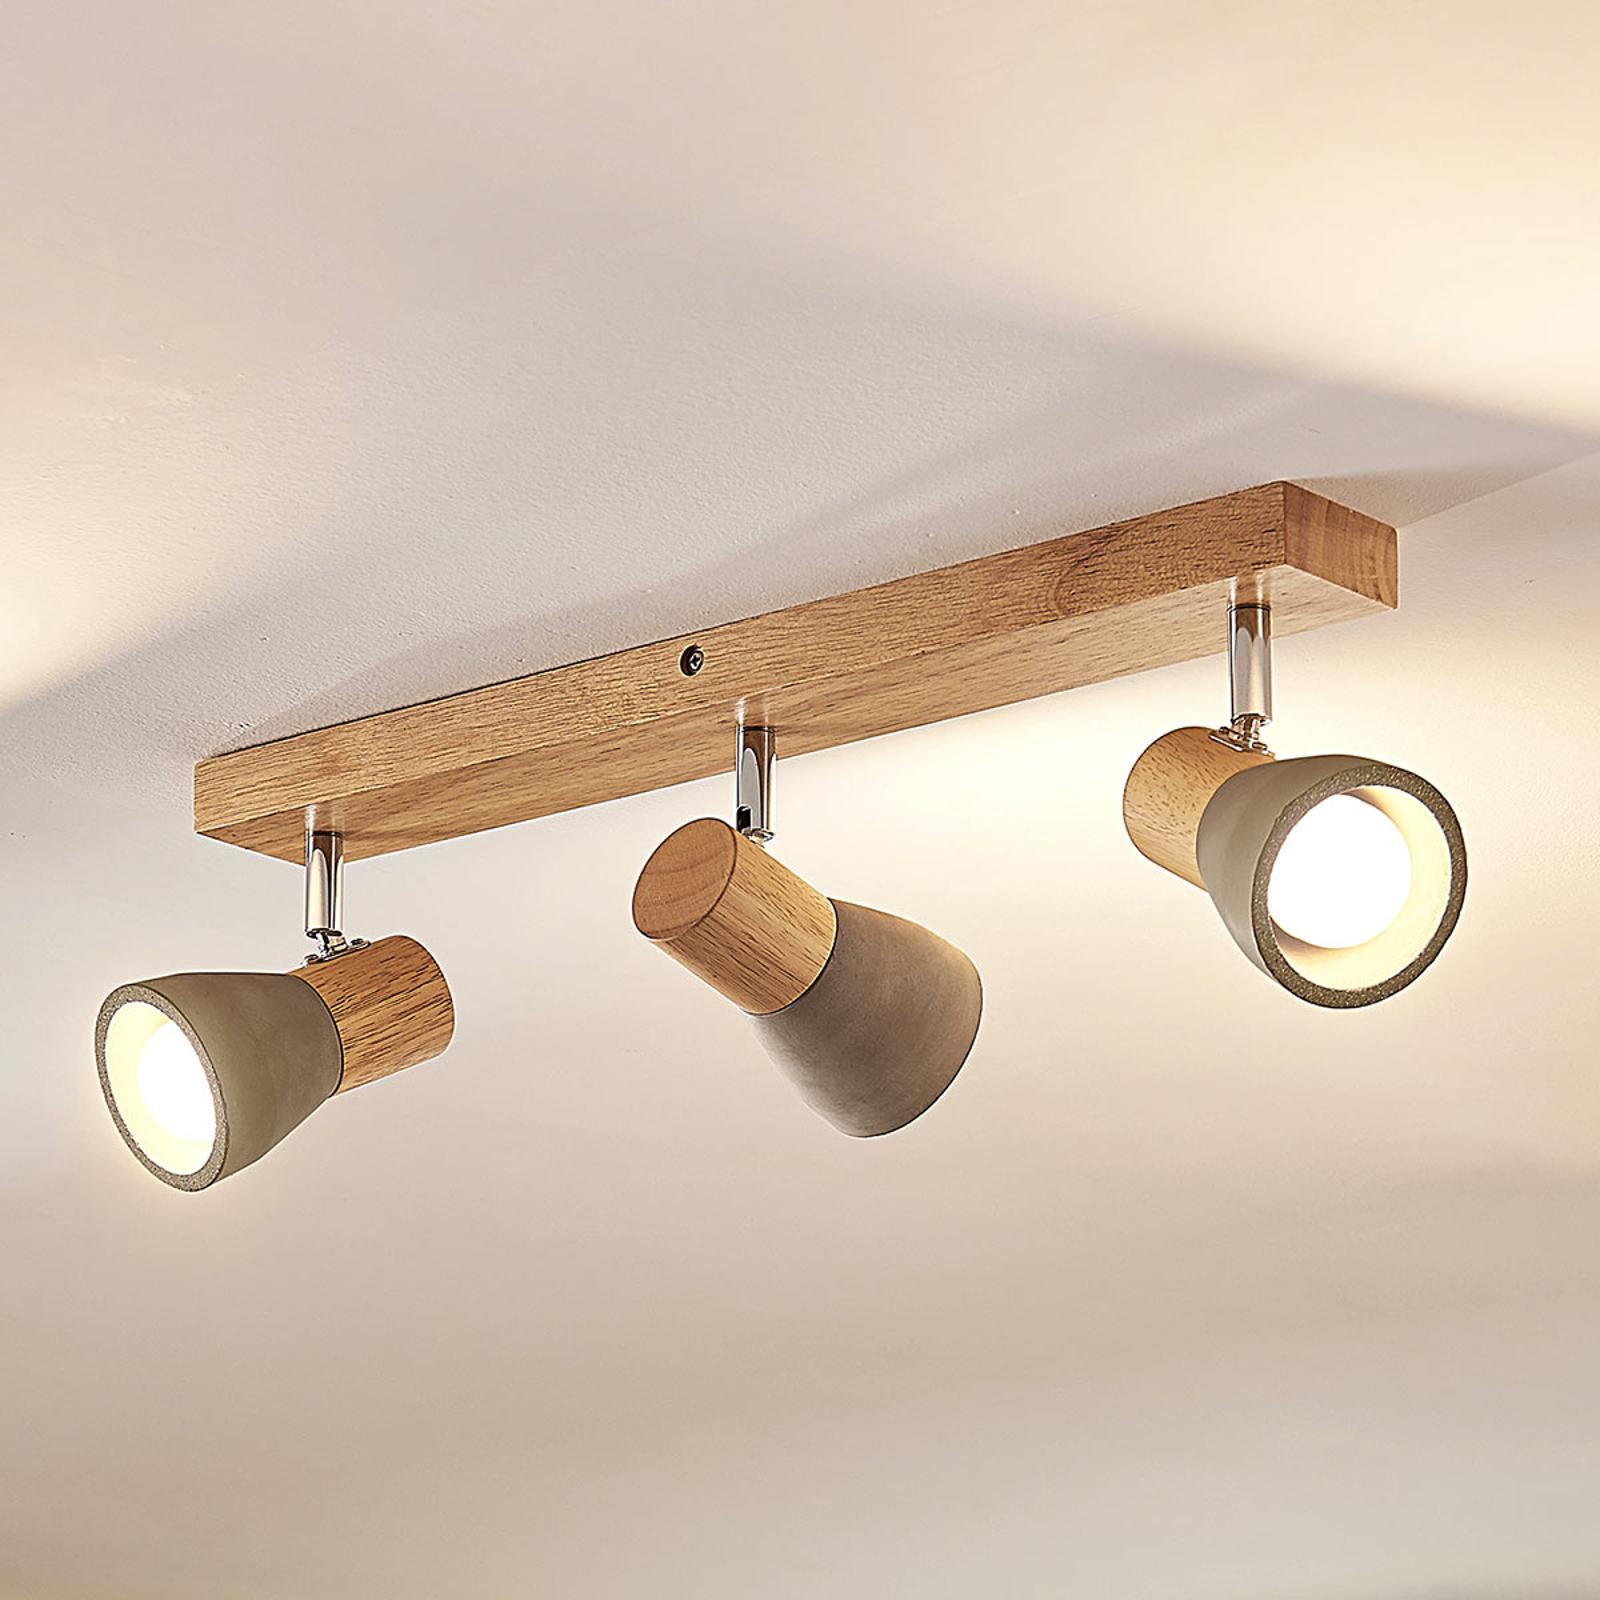 Filiz - plafonnier LED béton et bois, 3lampes